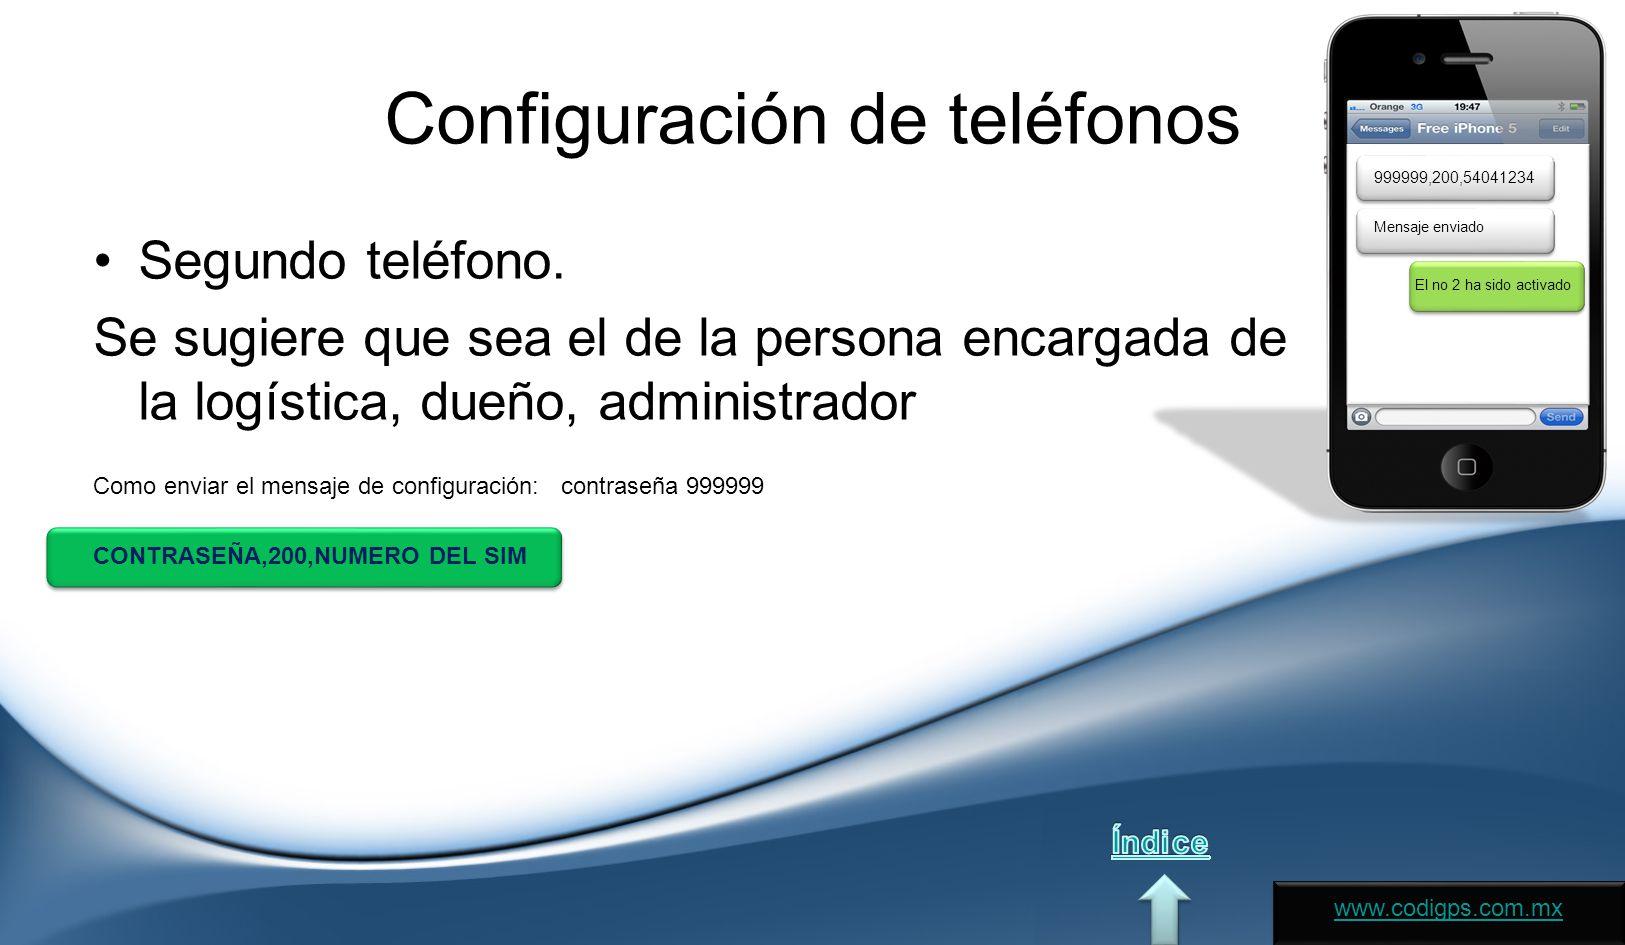 Configuración de teléfonos